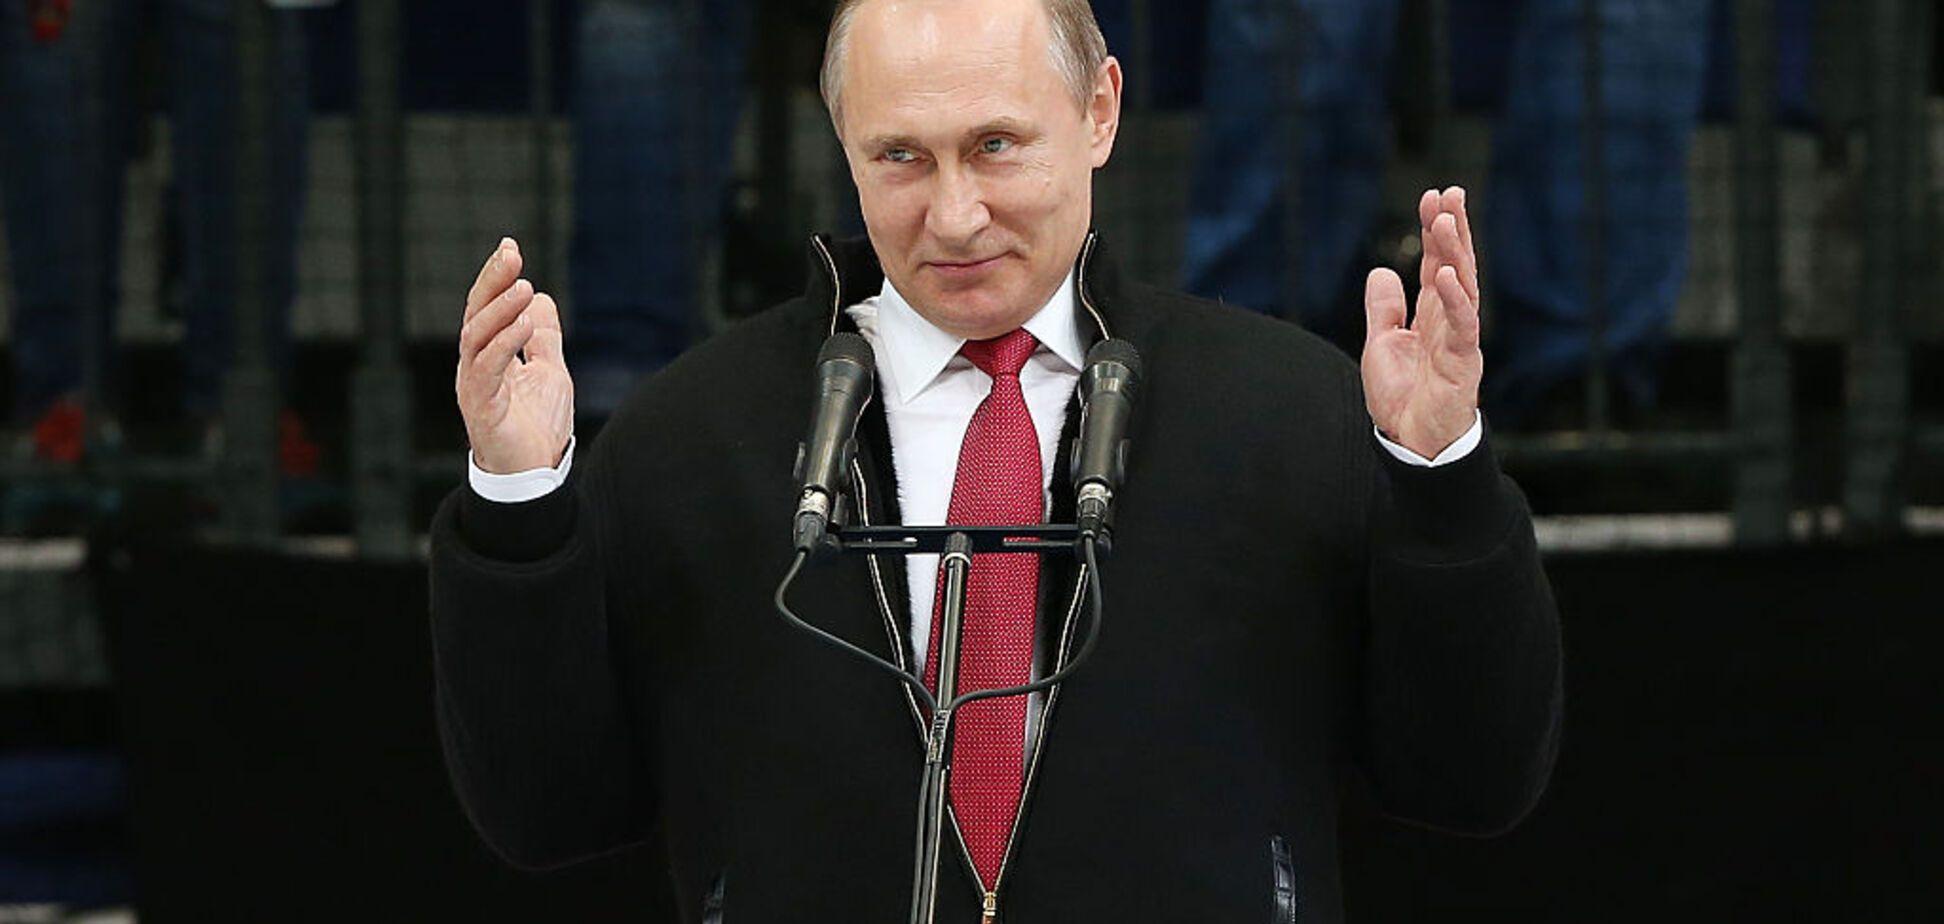 'Он ненавидит 'Л/ДНР': Радзиховский пояснил, почему Путин может 'скинуть' Донбасс